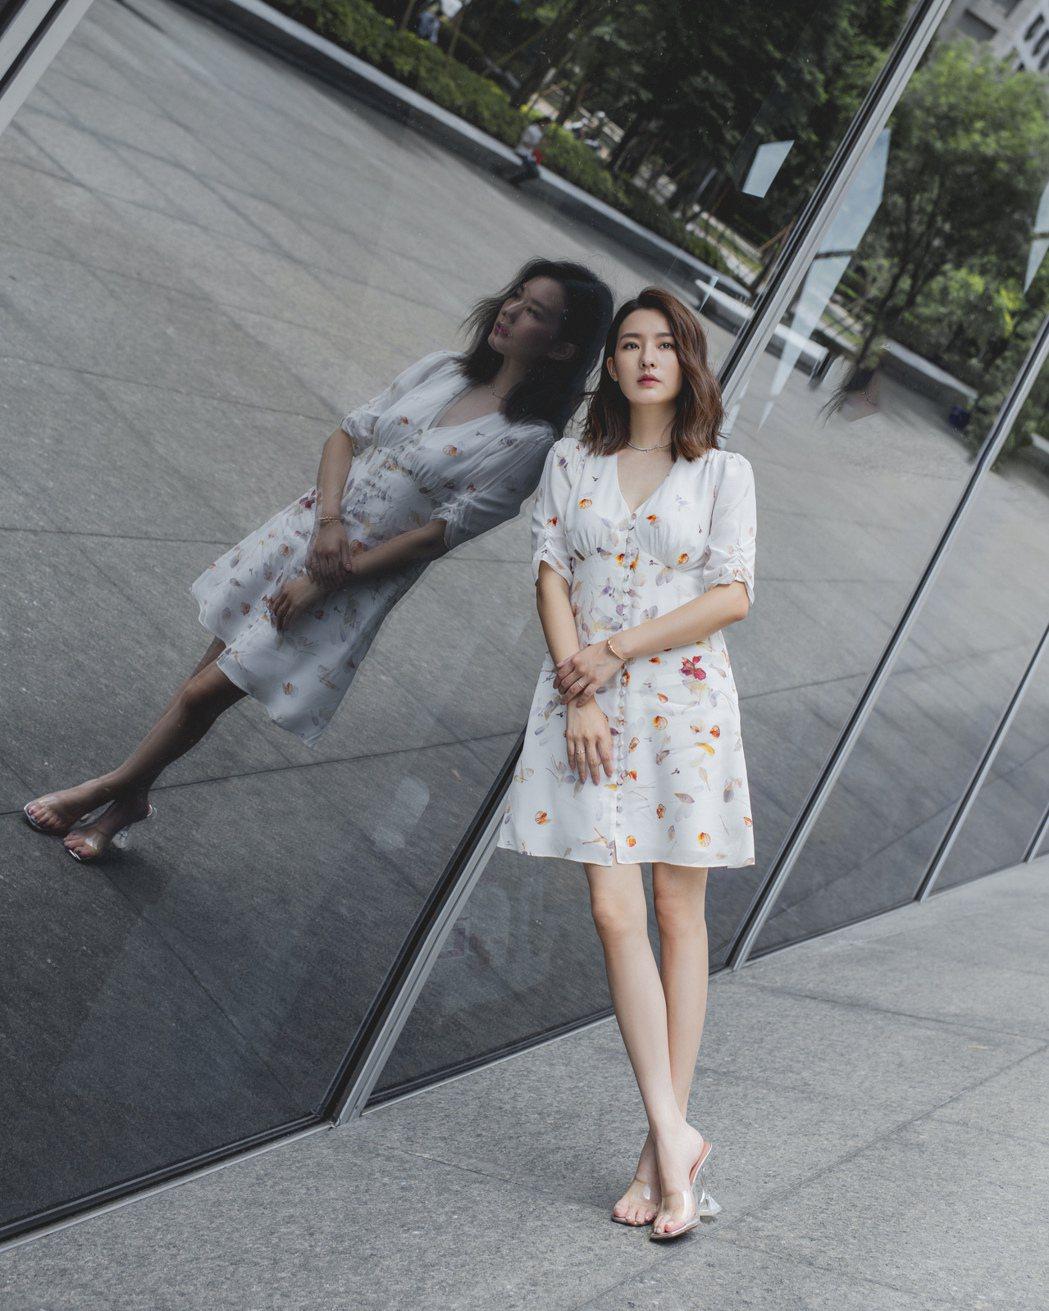 陳語安身材纖細,體重僅38公斤。圖/&Fellows娛樂提供